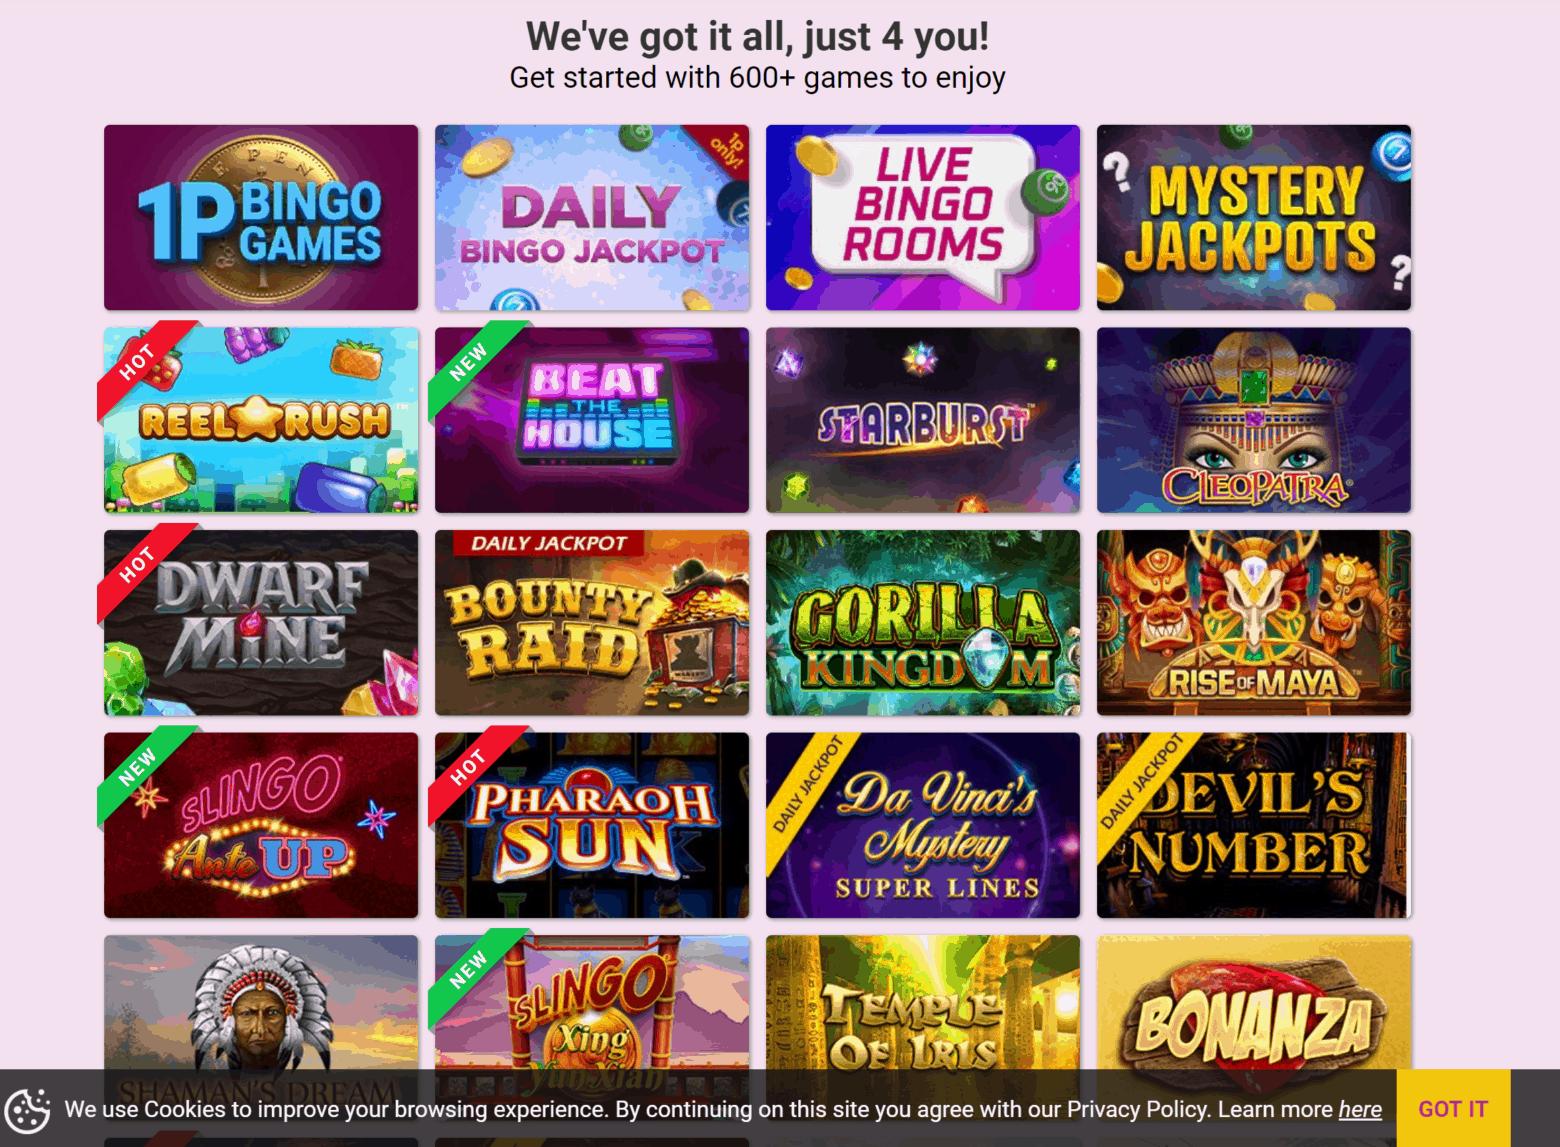 bingo4her games